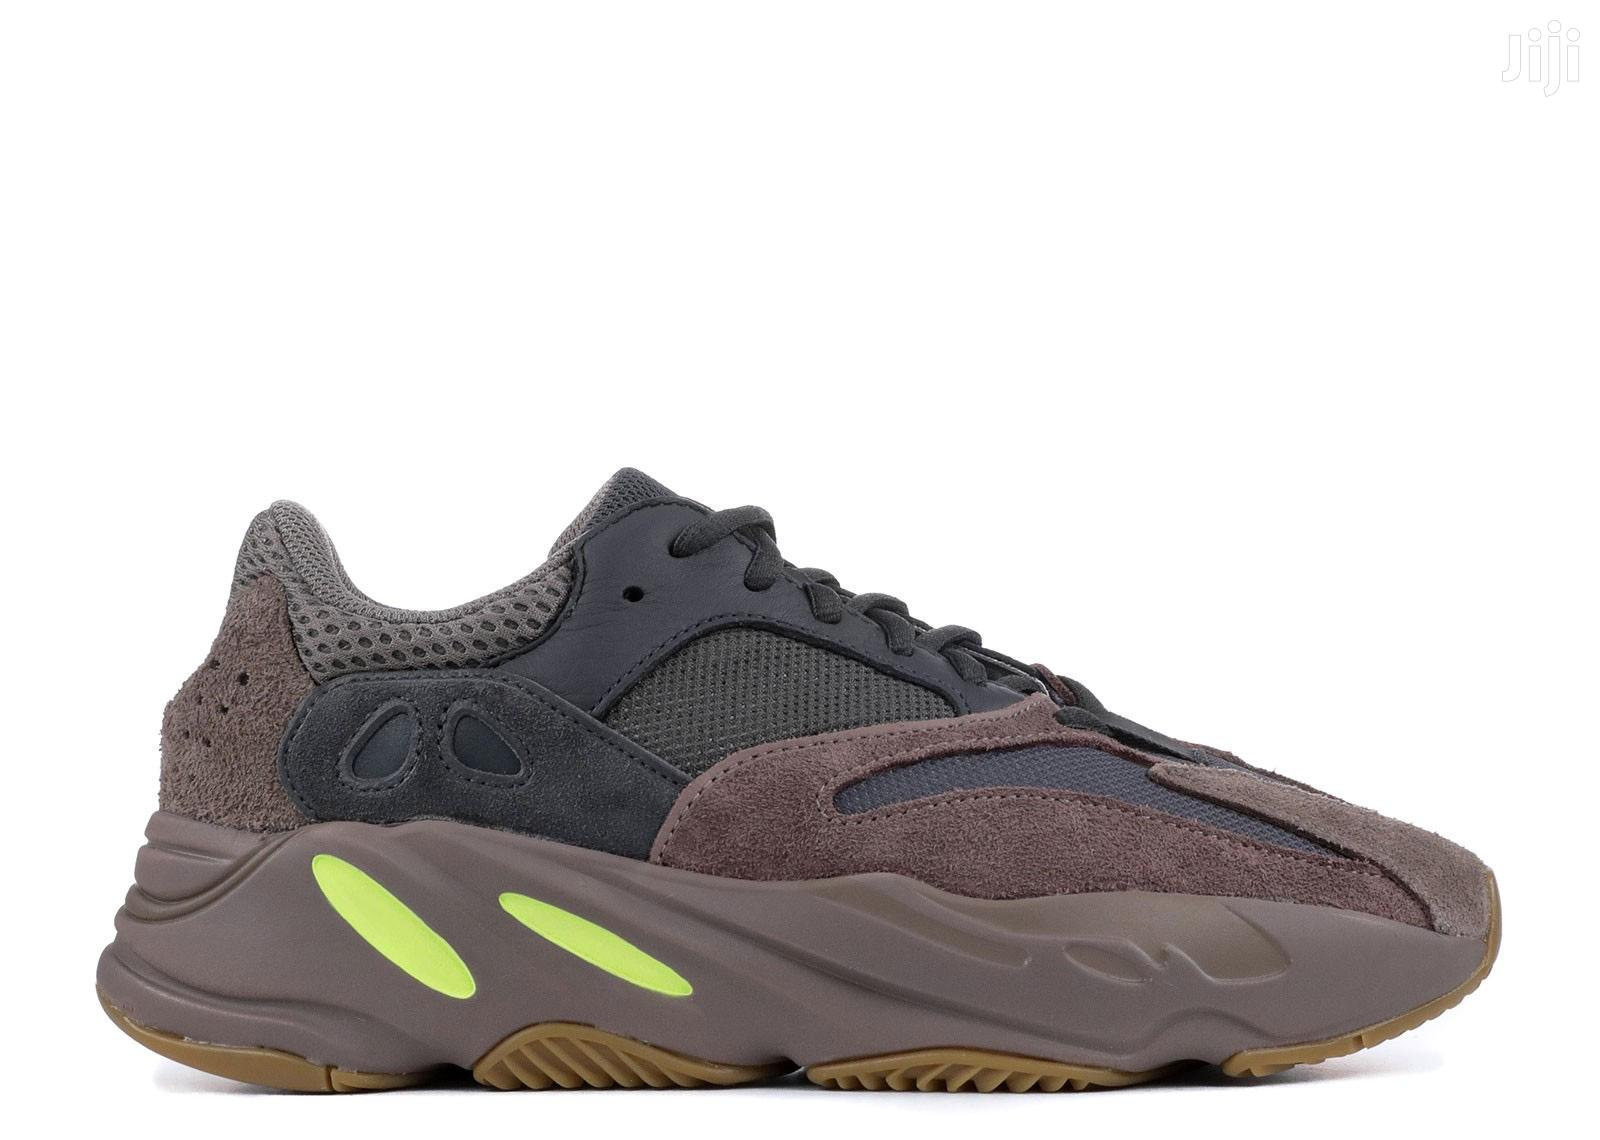 Archive: Original Sneakers